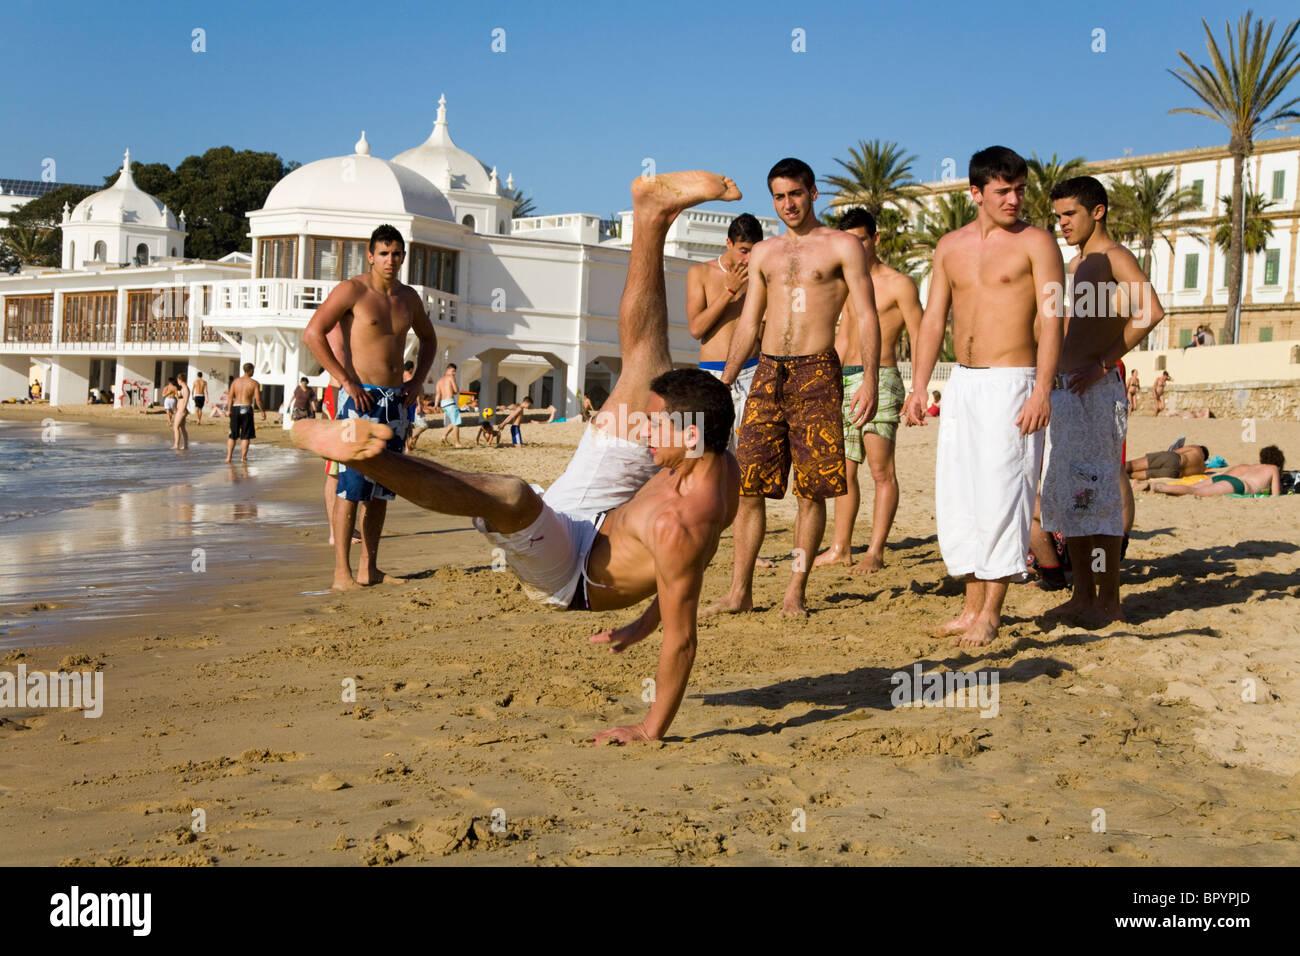 Spain beach teen